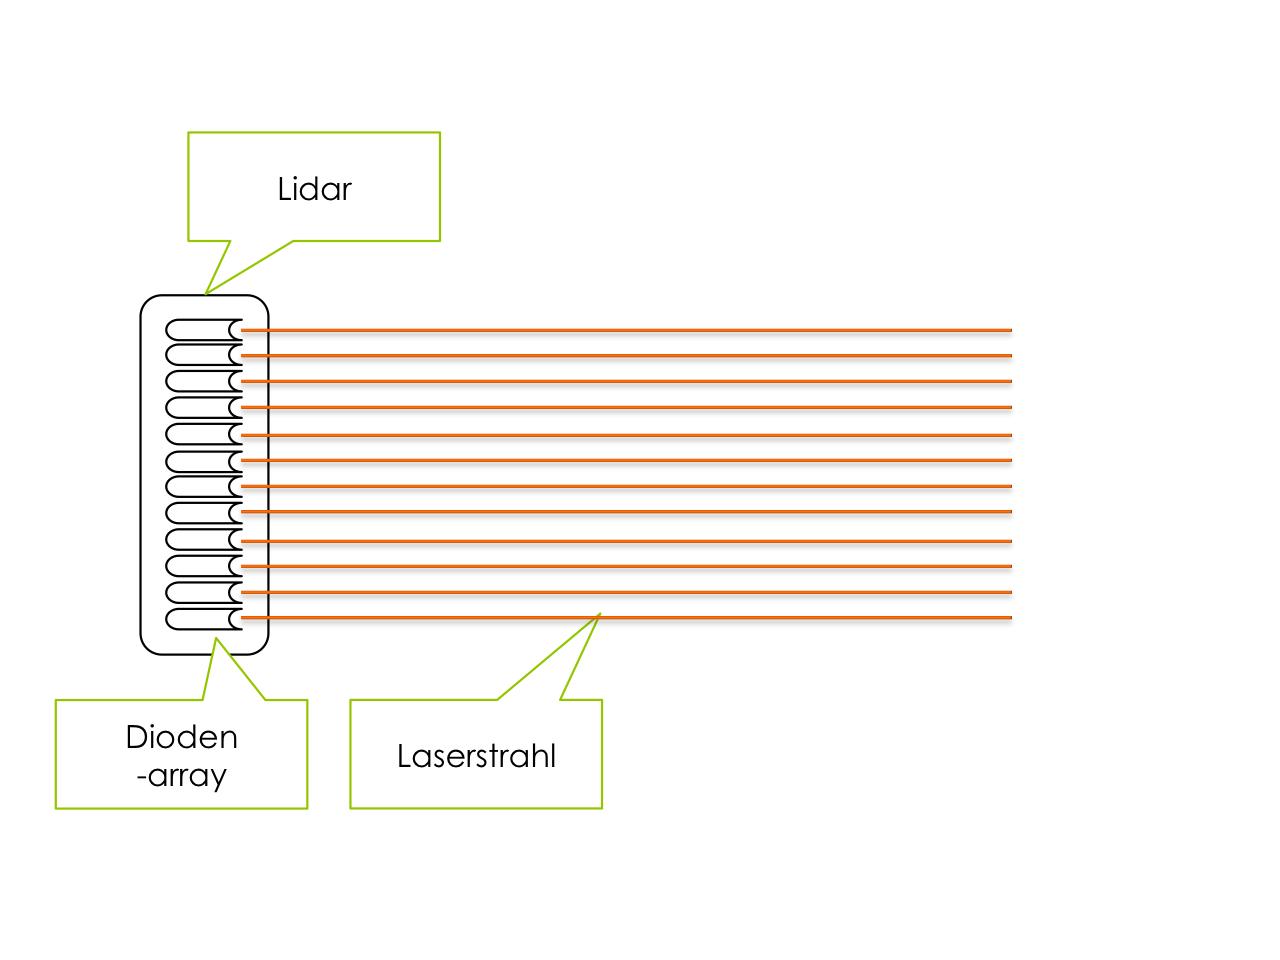 Motorblog » Fahrzeugumfeldsensorik: Überblick und Vergleich zwischen ...